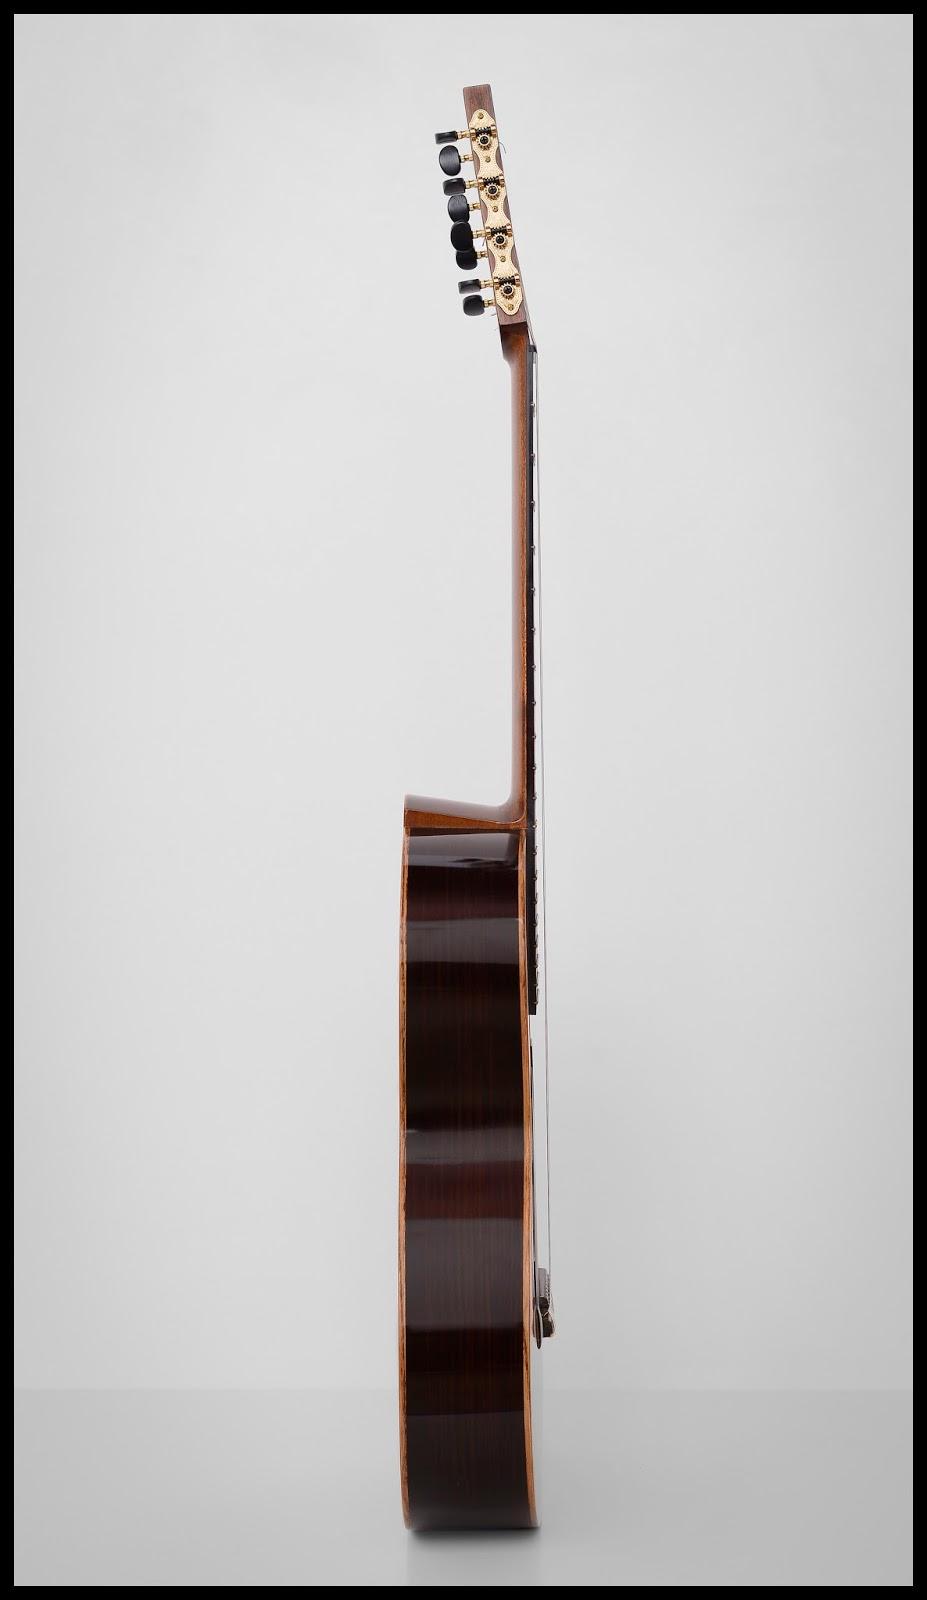 guitarras custom constru das por rodolfo cucculelli luthier 8 string flamenco negra guitar. Black Bedroom Furniture Sets. Home Design Ideas